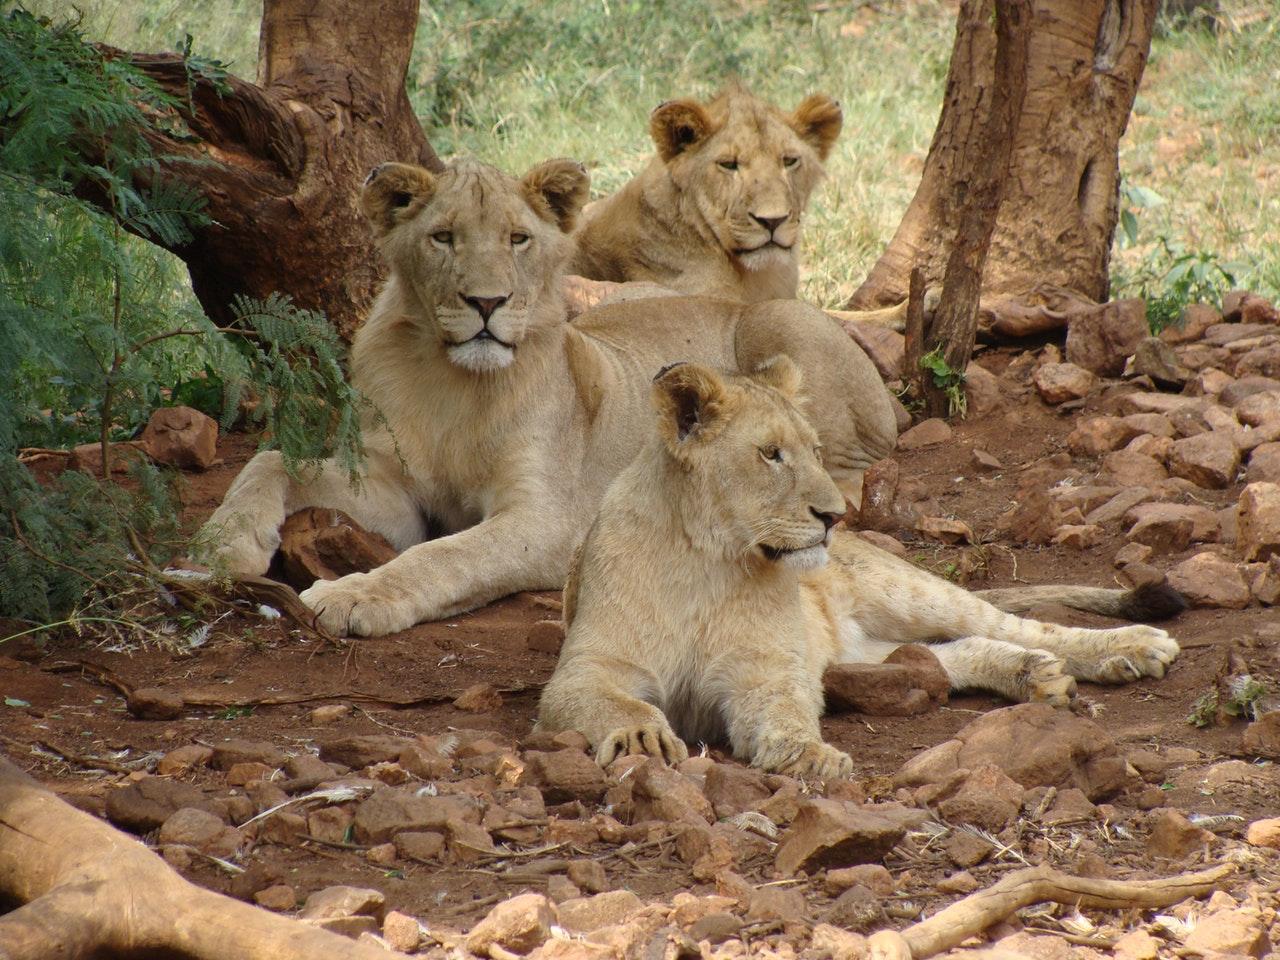 Sonhar com leoa e filhotes é sinal de boas escolhas.